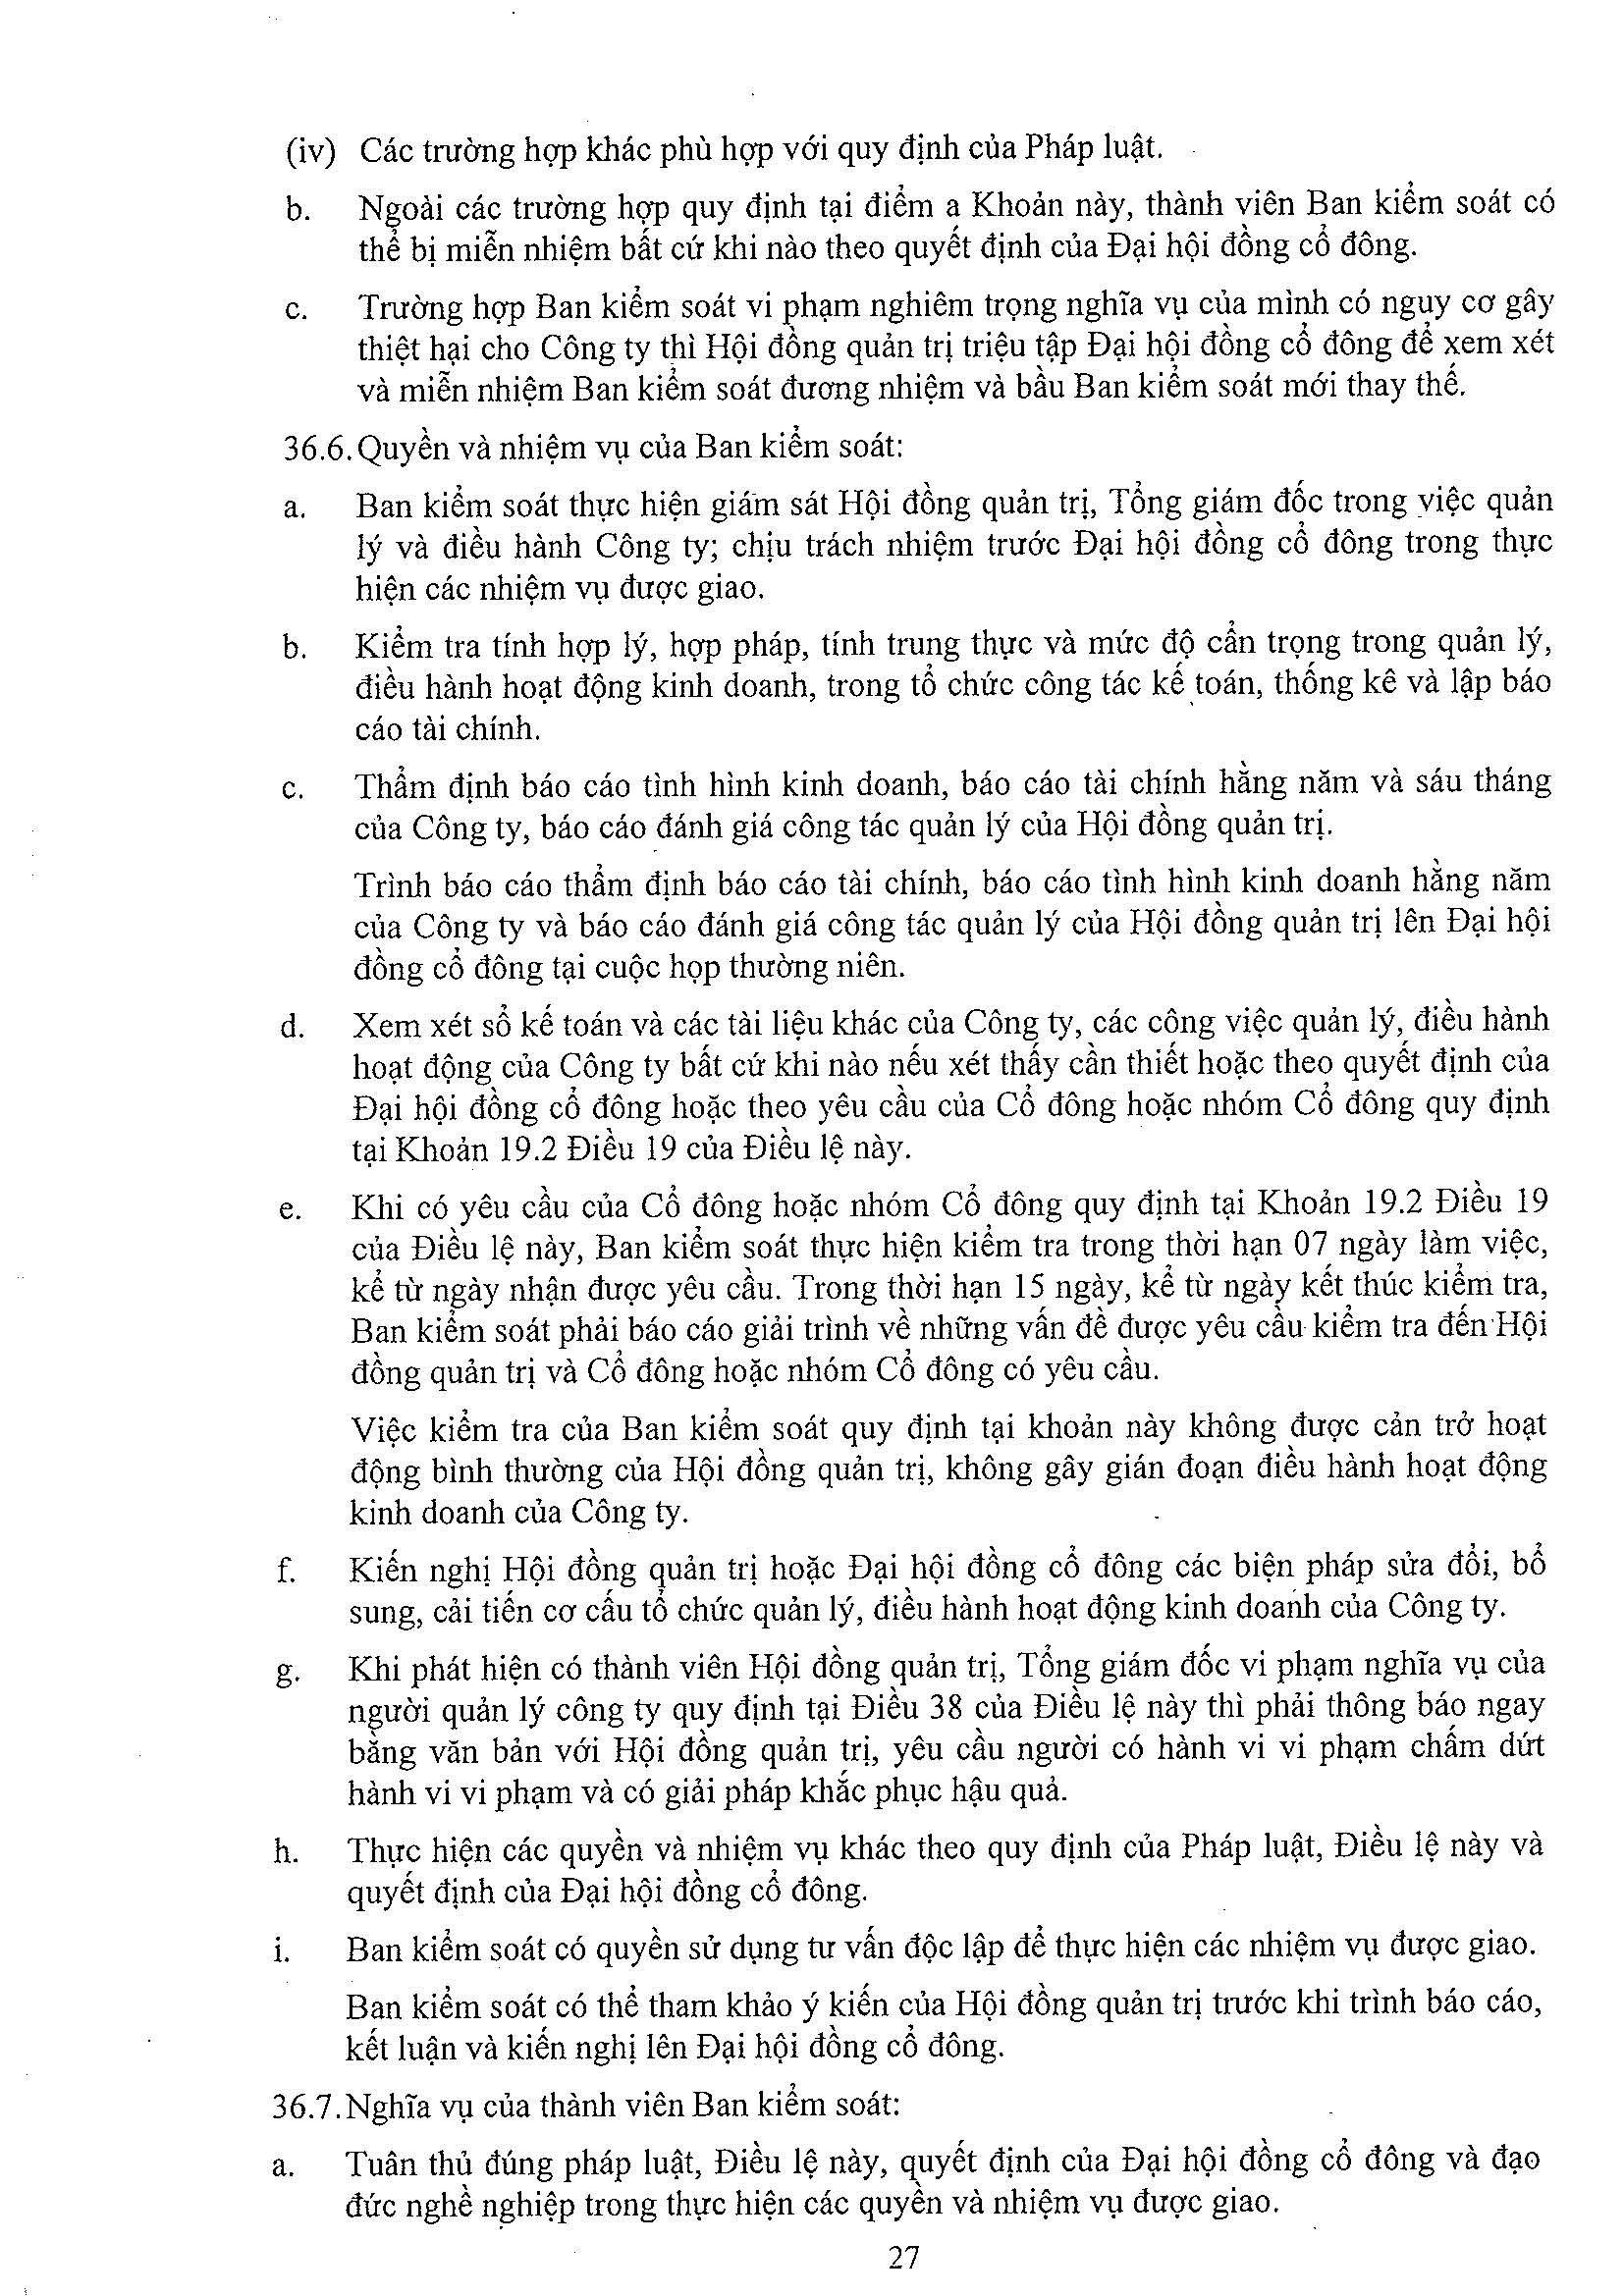 dieu-le_Page_28